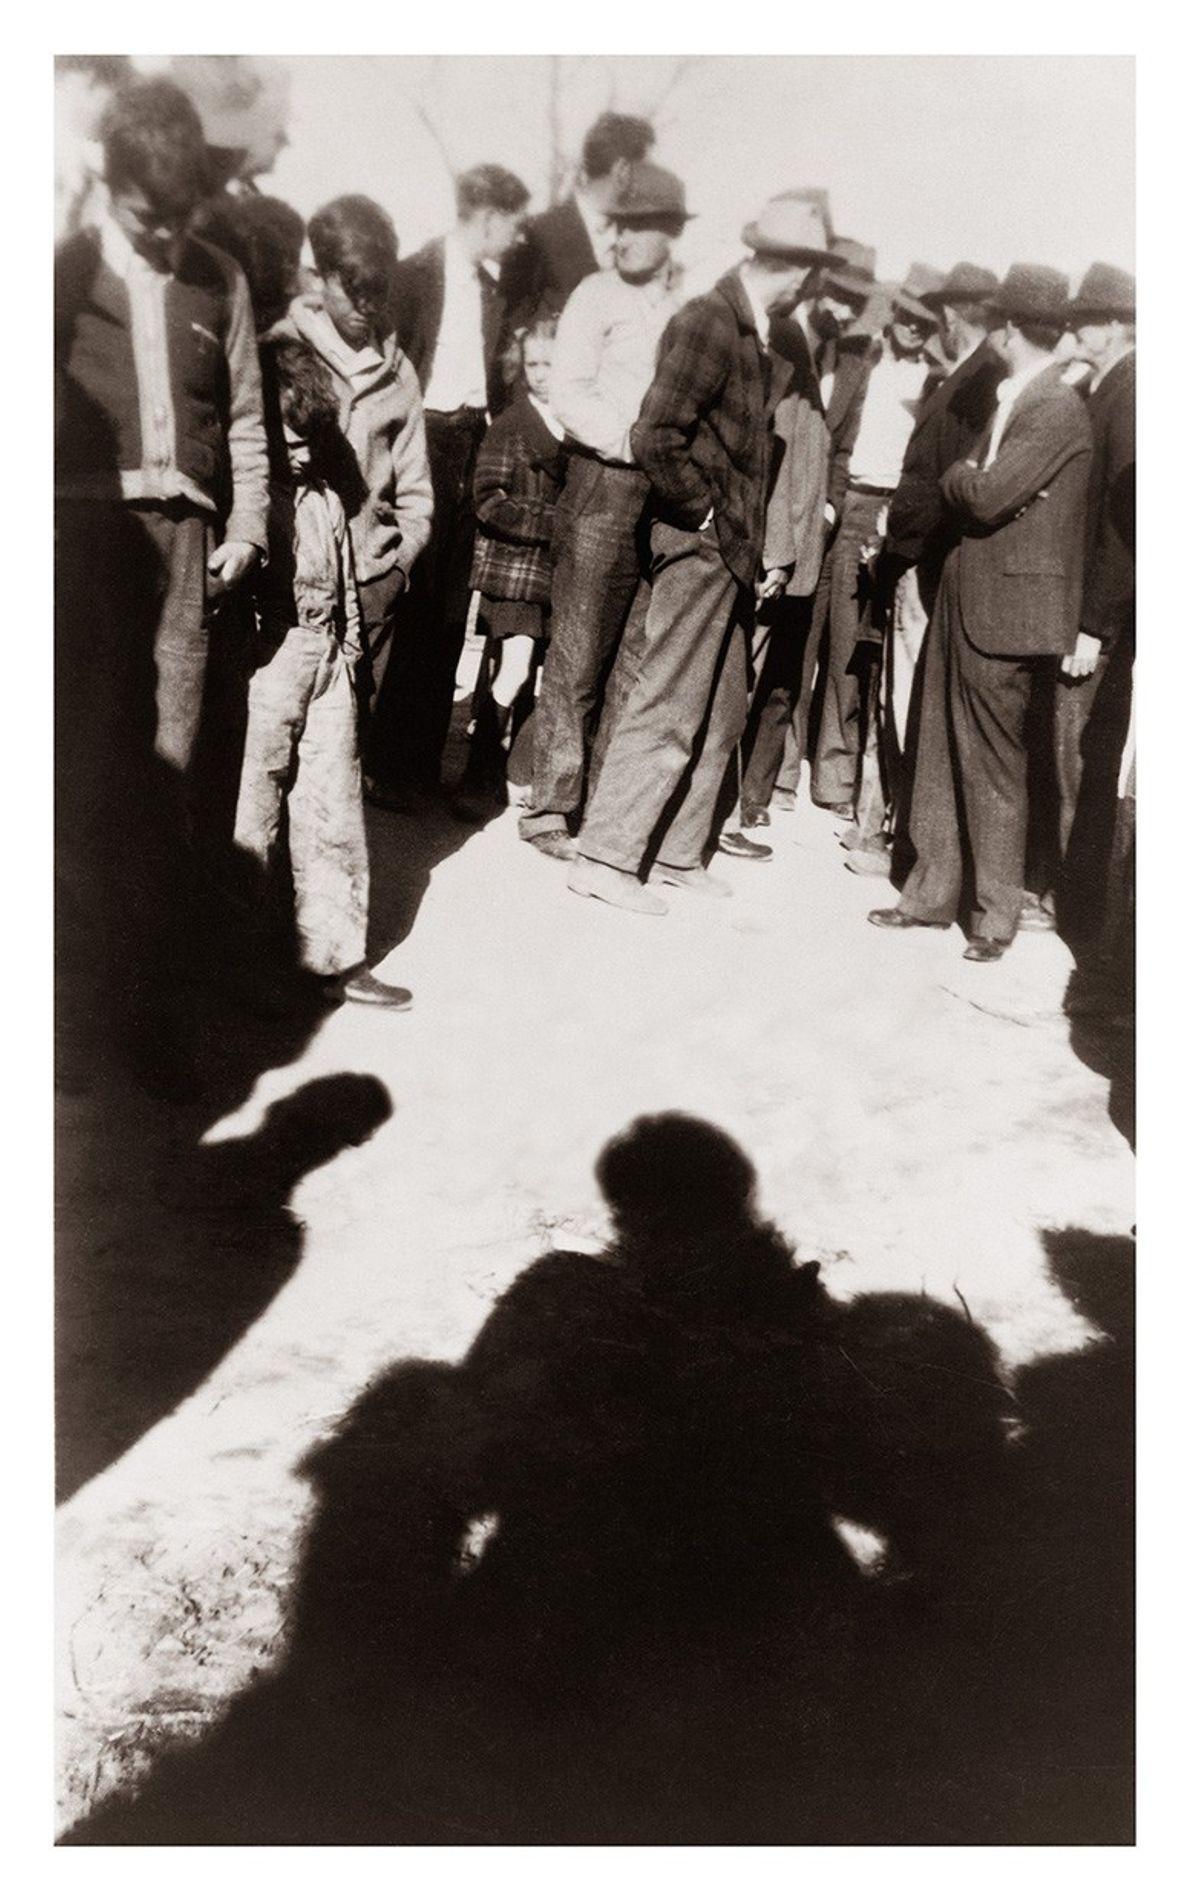 """Linchamiento de Cleo Right, Sikeston, MO., 1942.  Gonzales-Day sostiene que borrar a la víctima del linchamiento """"permite ..."""